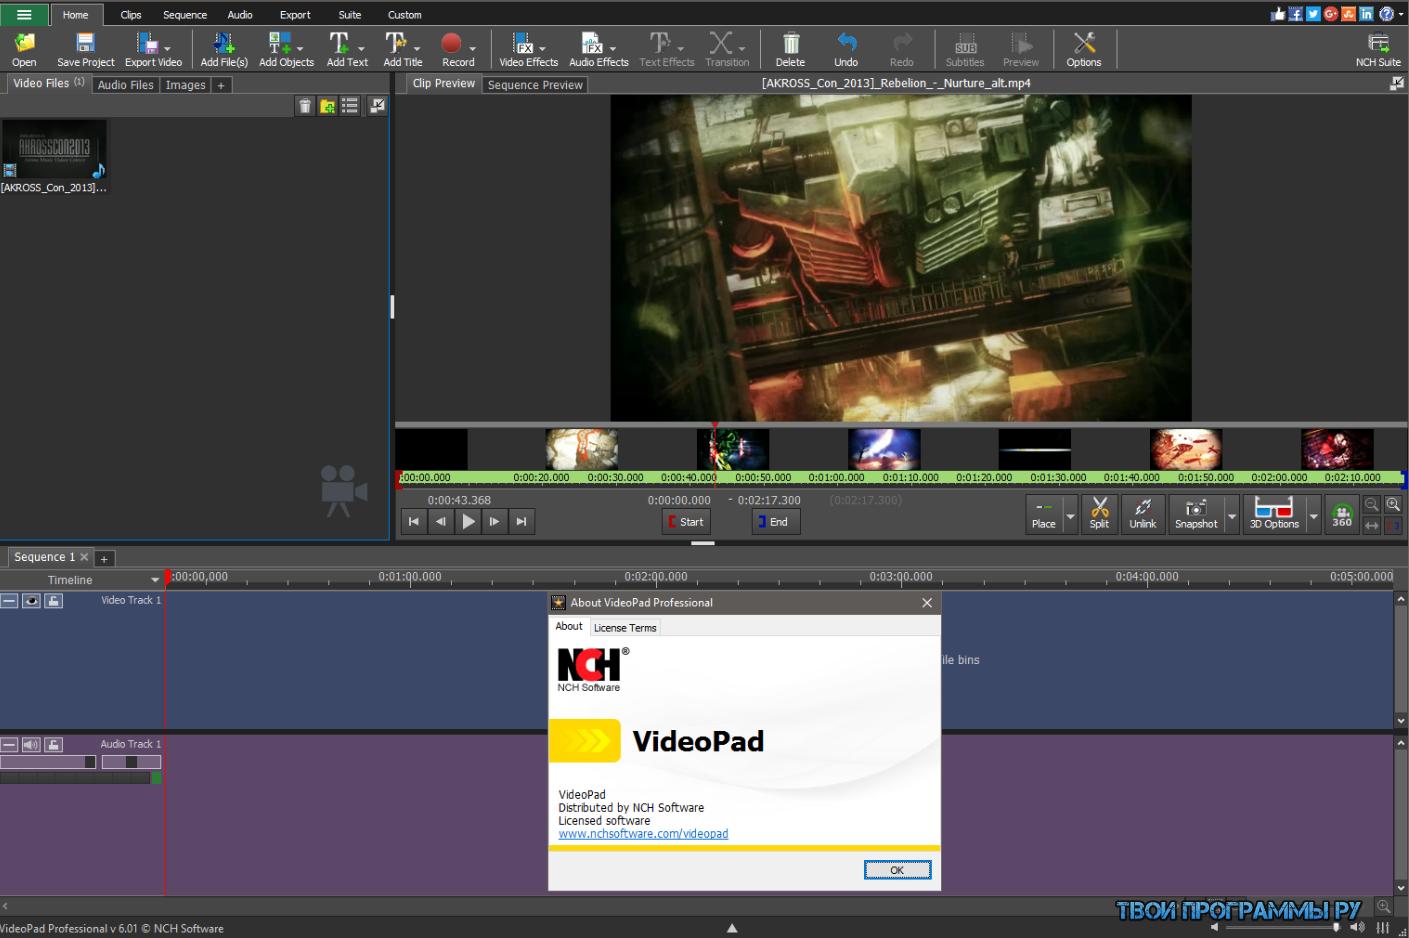 VideoPad Video Editor скачать последнюю версию бесплатно